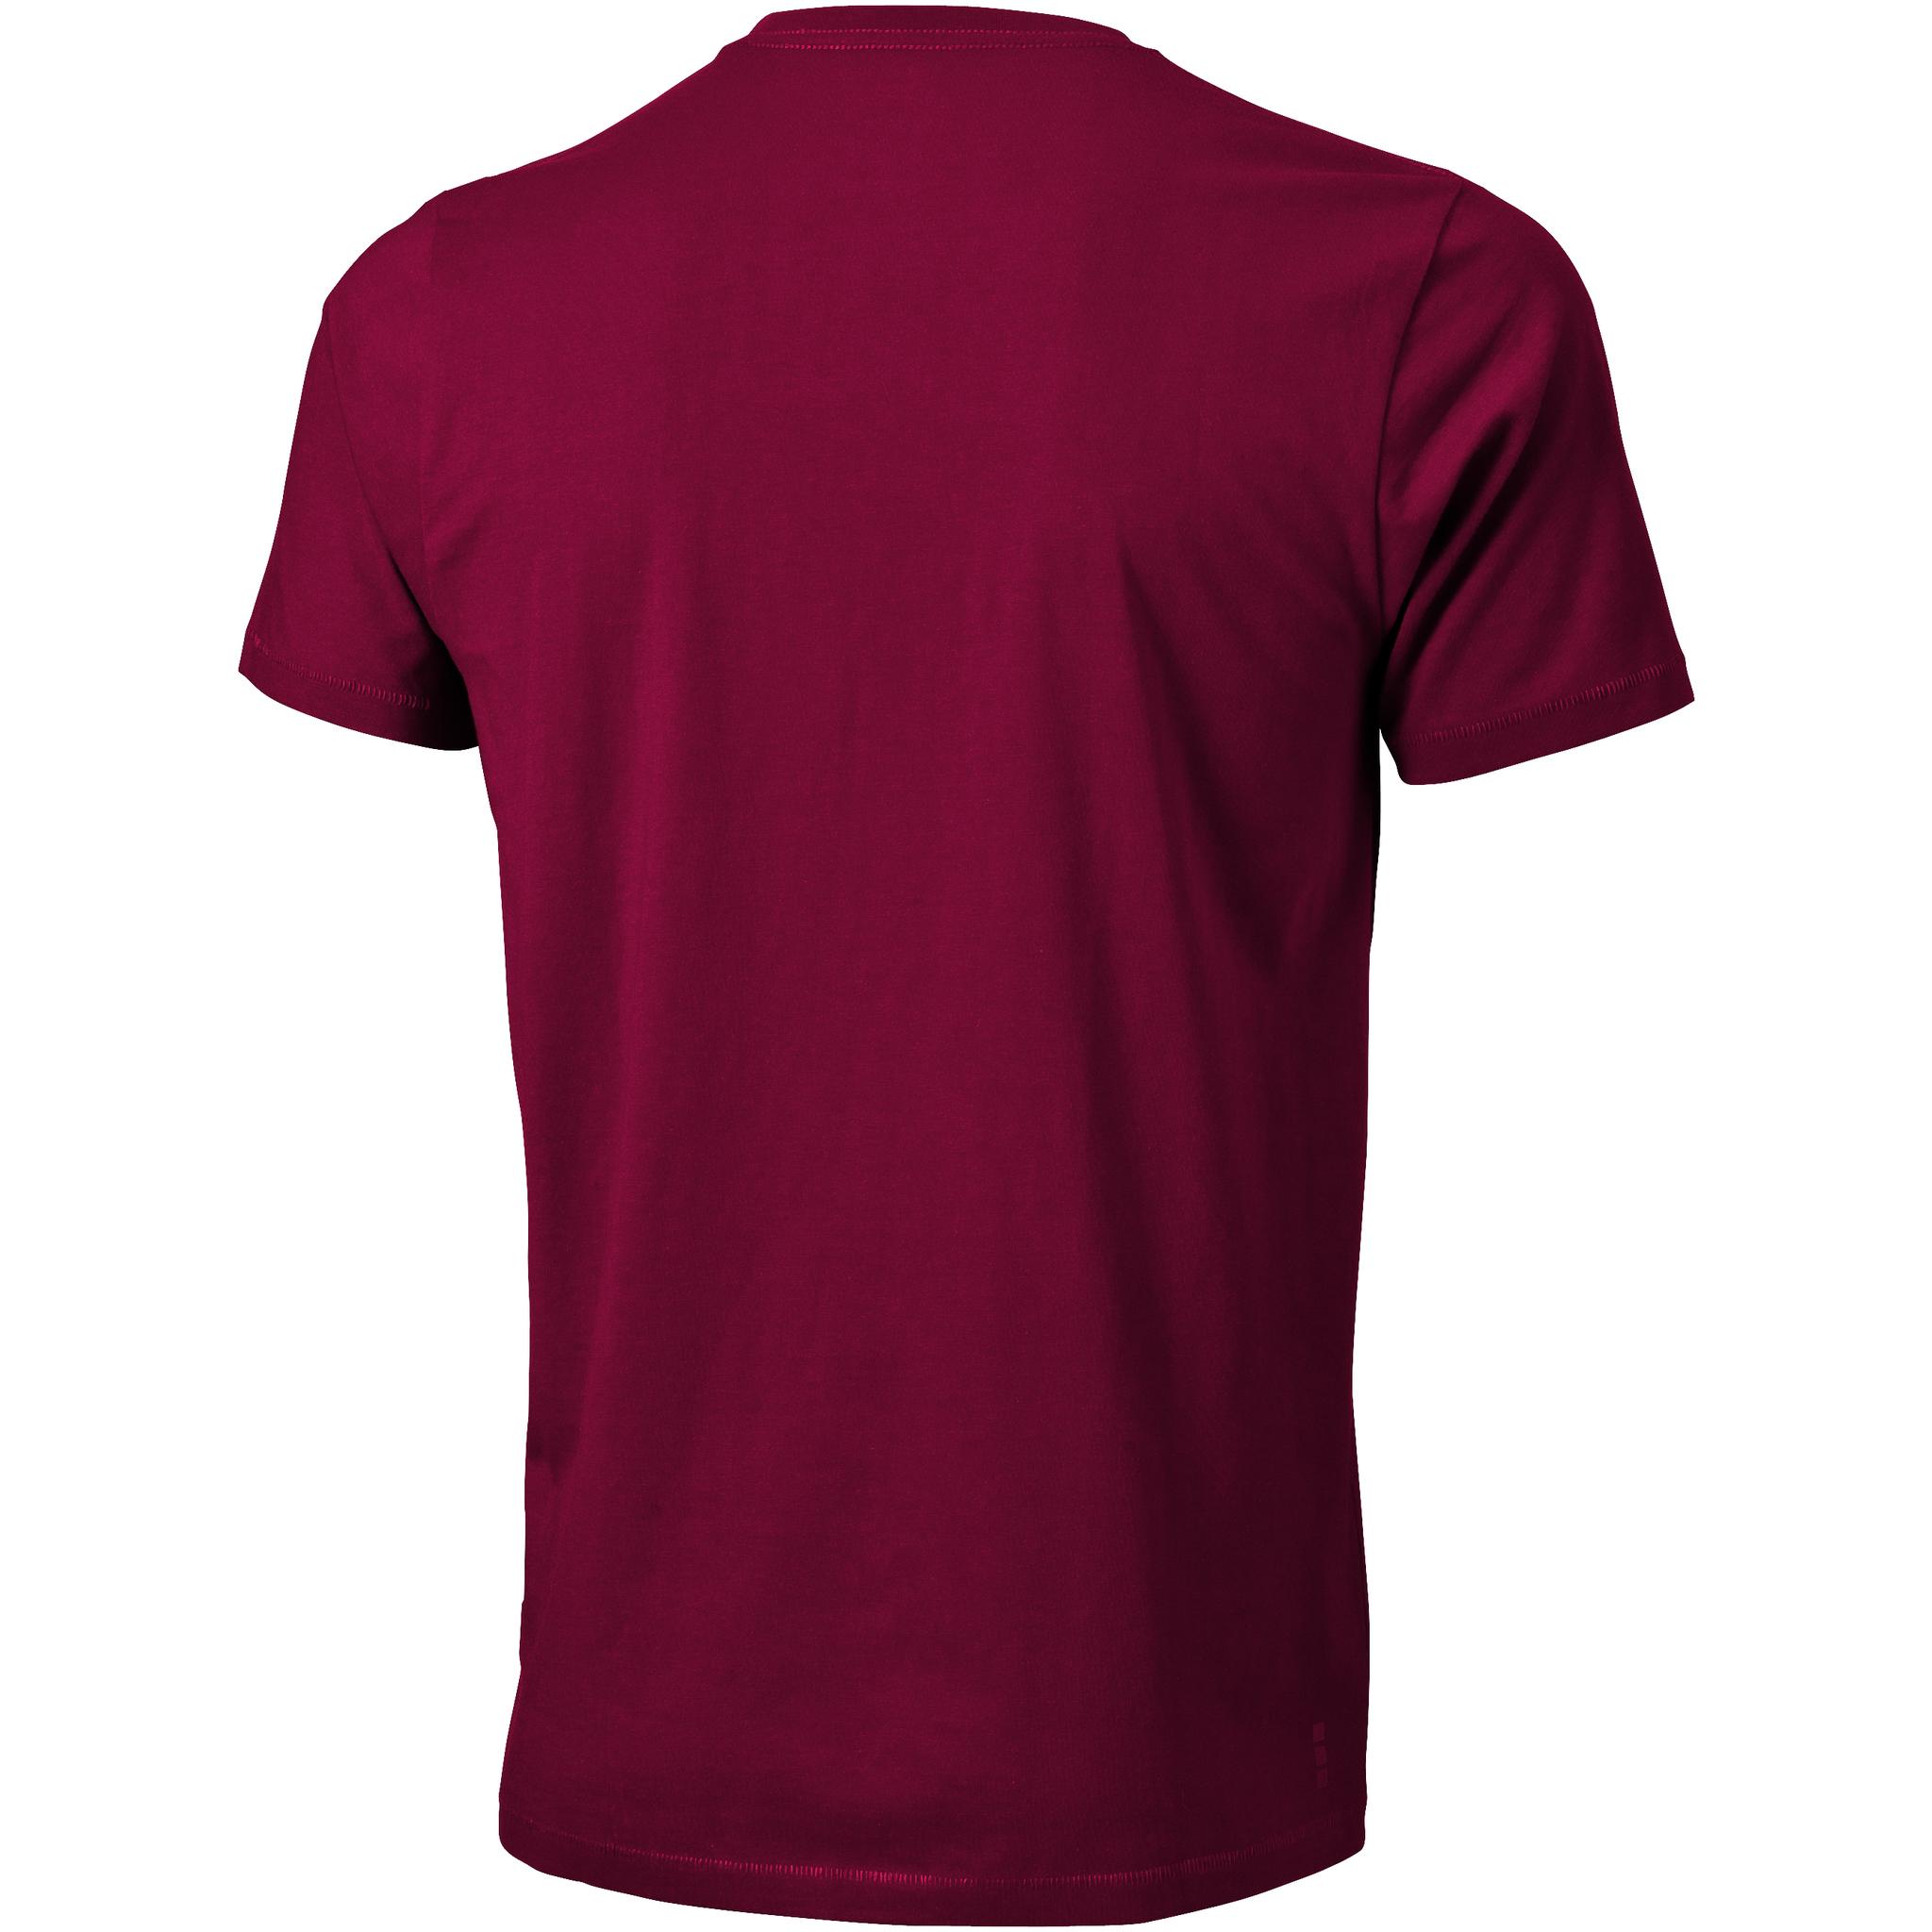 Elevate-Mens-Nanaimo-Short-Sleeve-T-Shirt-PF1807 thumbnail 18